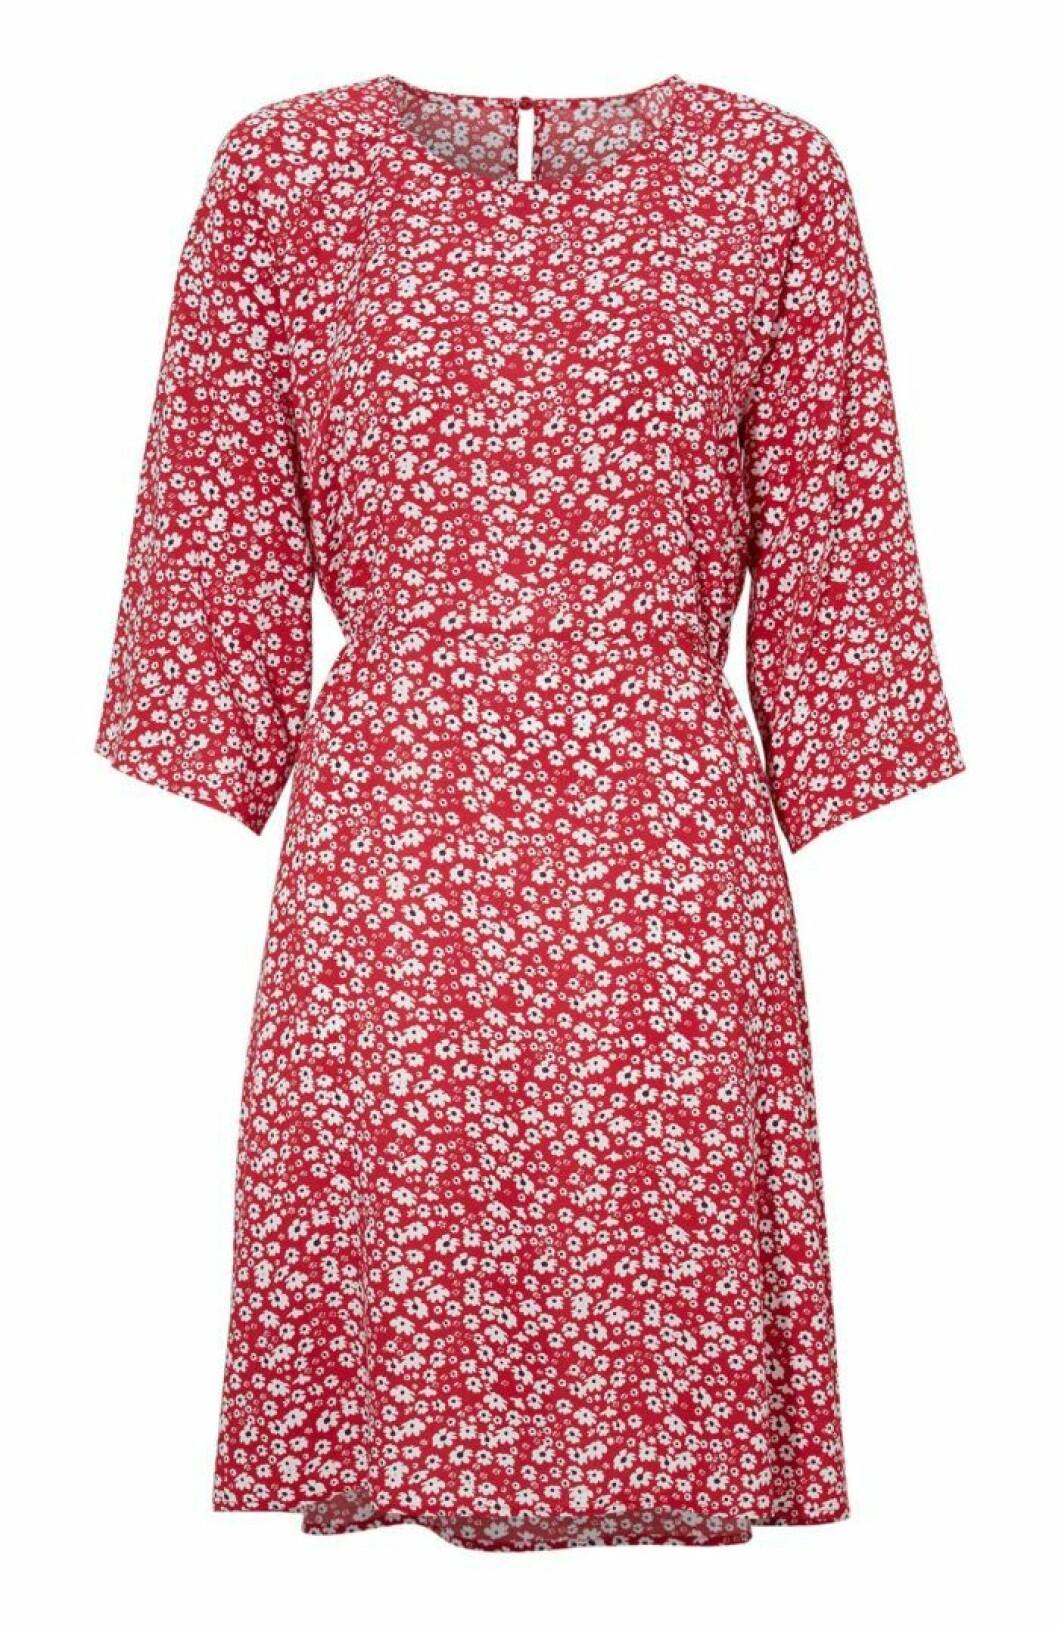 Röd blommig klänning